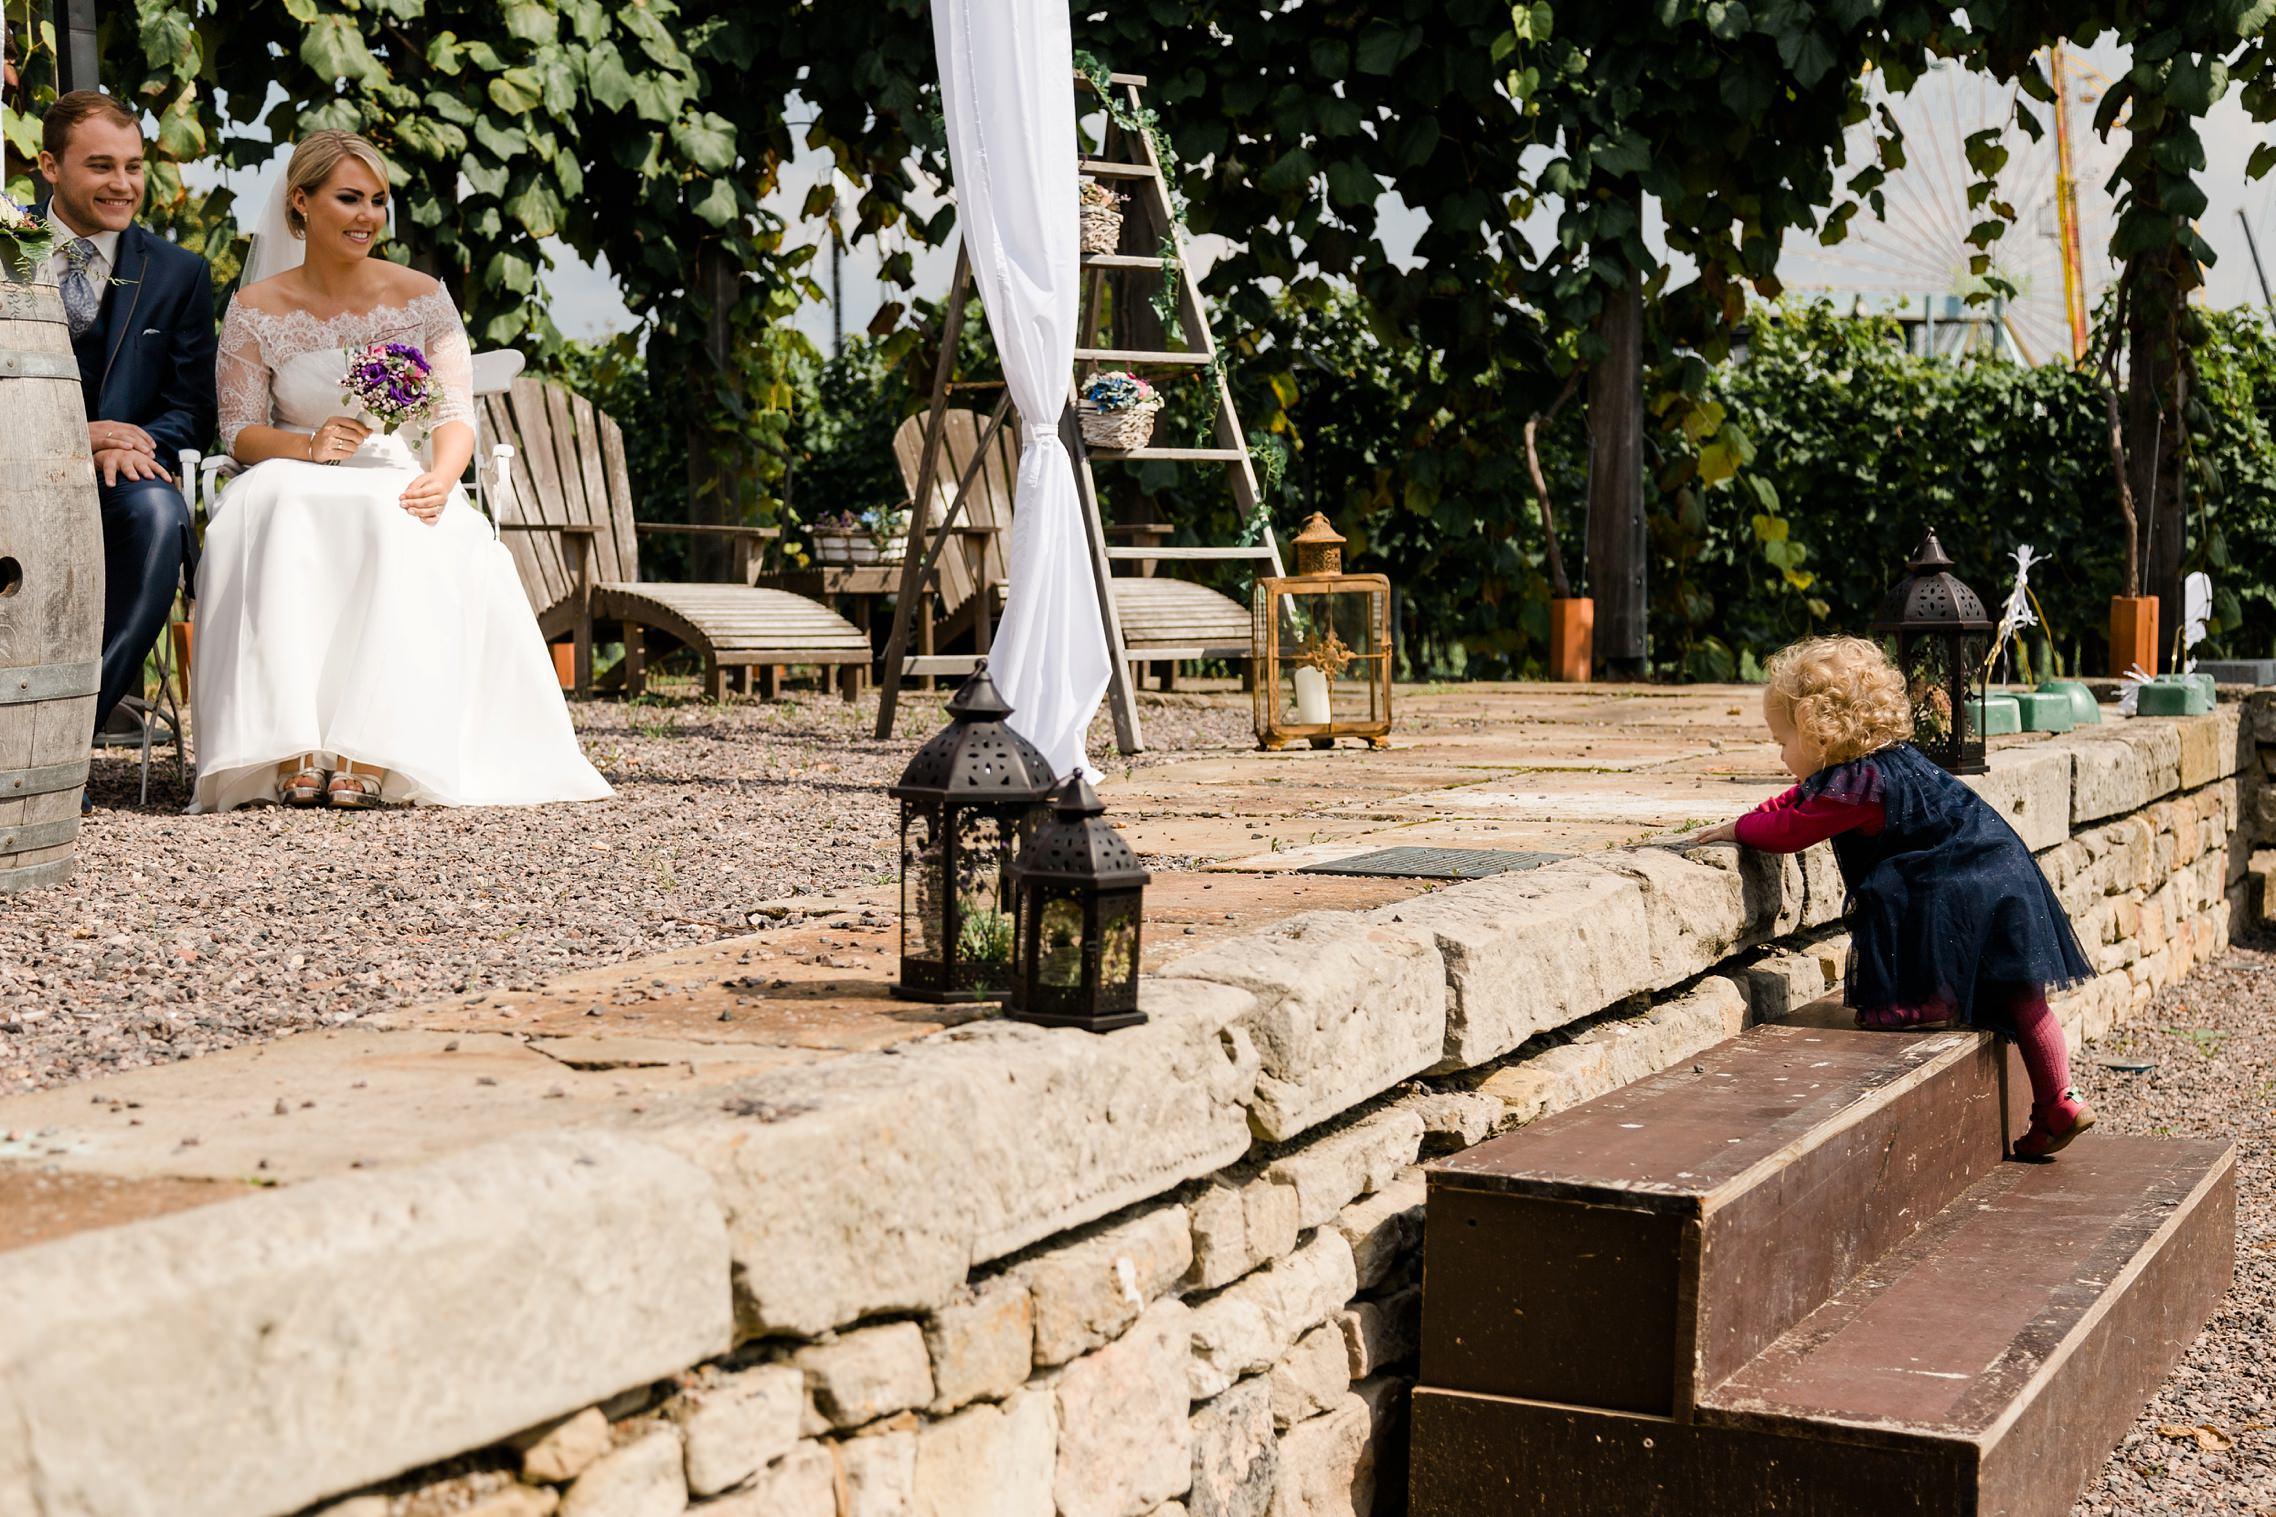 Ein kleines Kind klettert die Treppenstufen zur Bühne der RebArena hinauf und möchte direkt bei dem Hochzeitspaar sein.